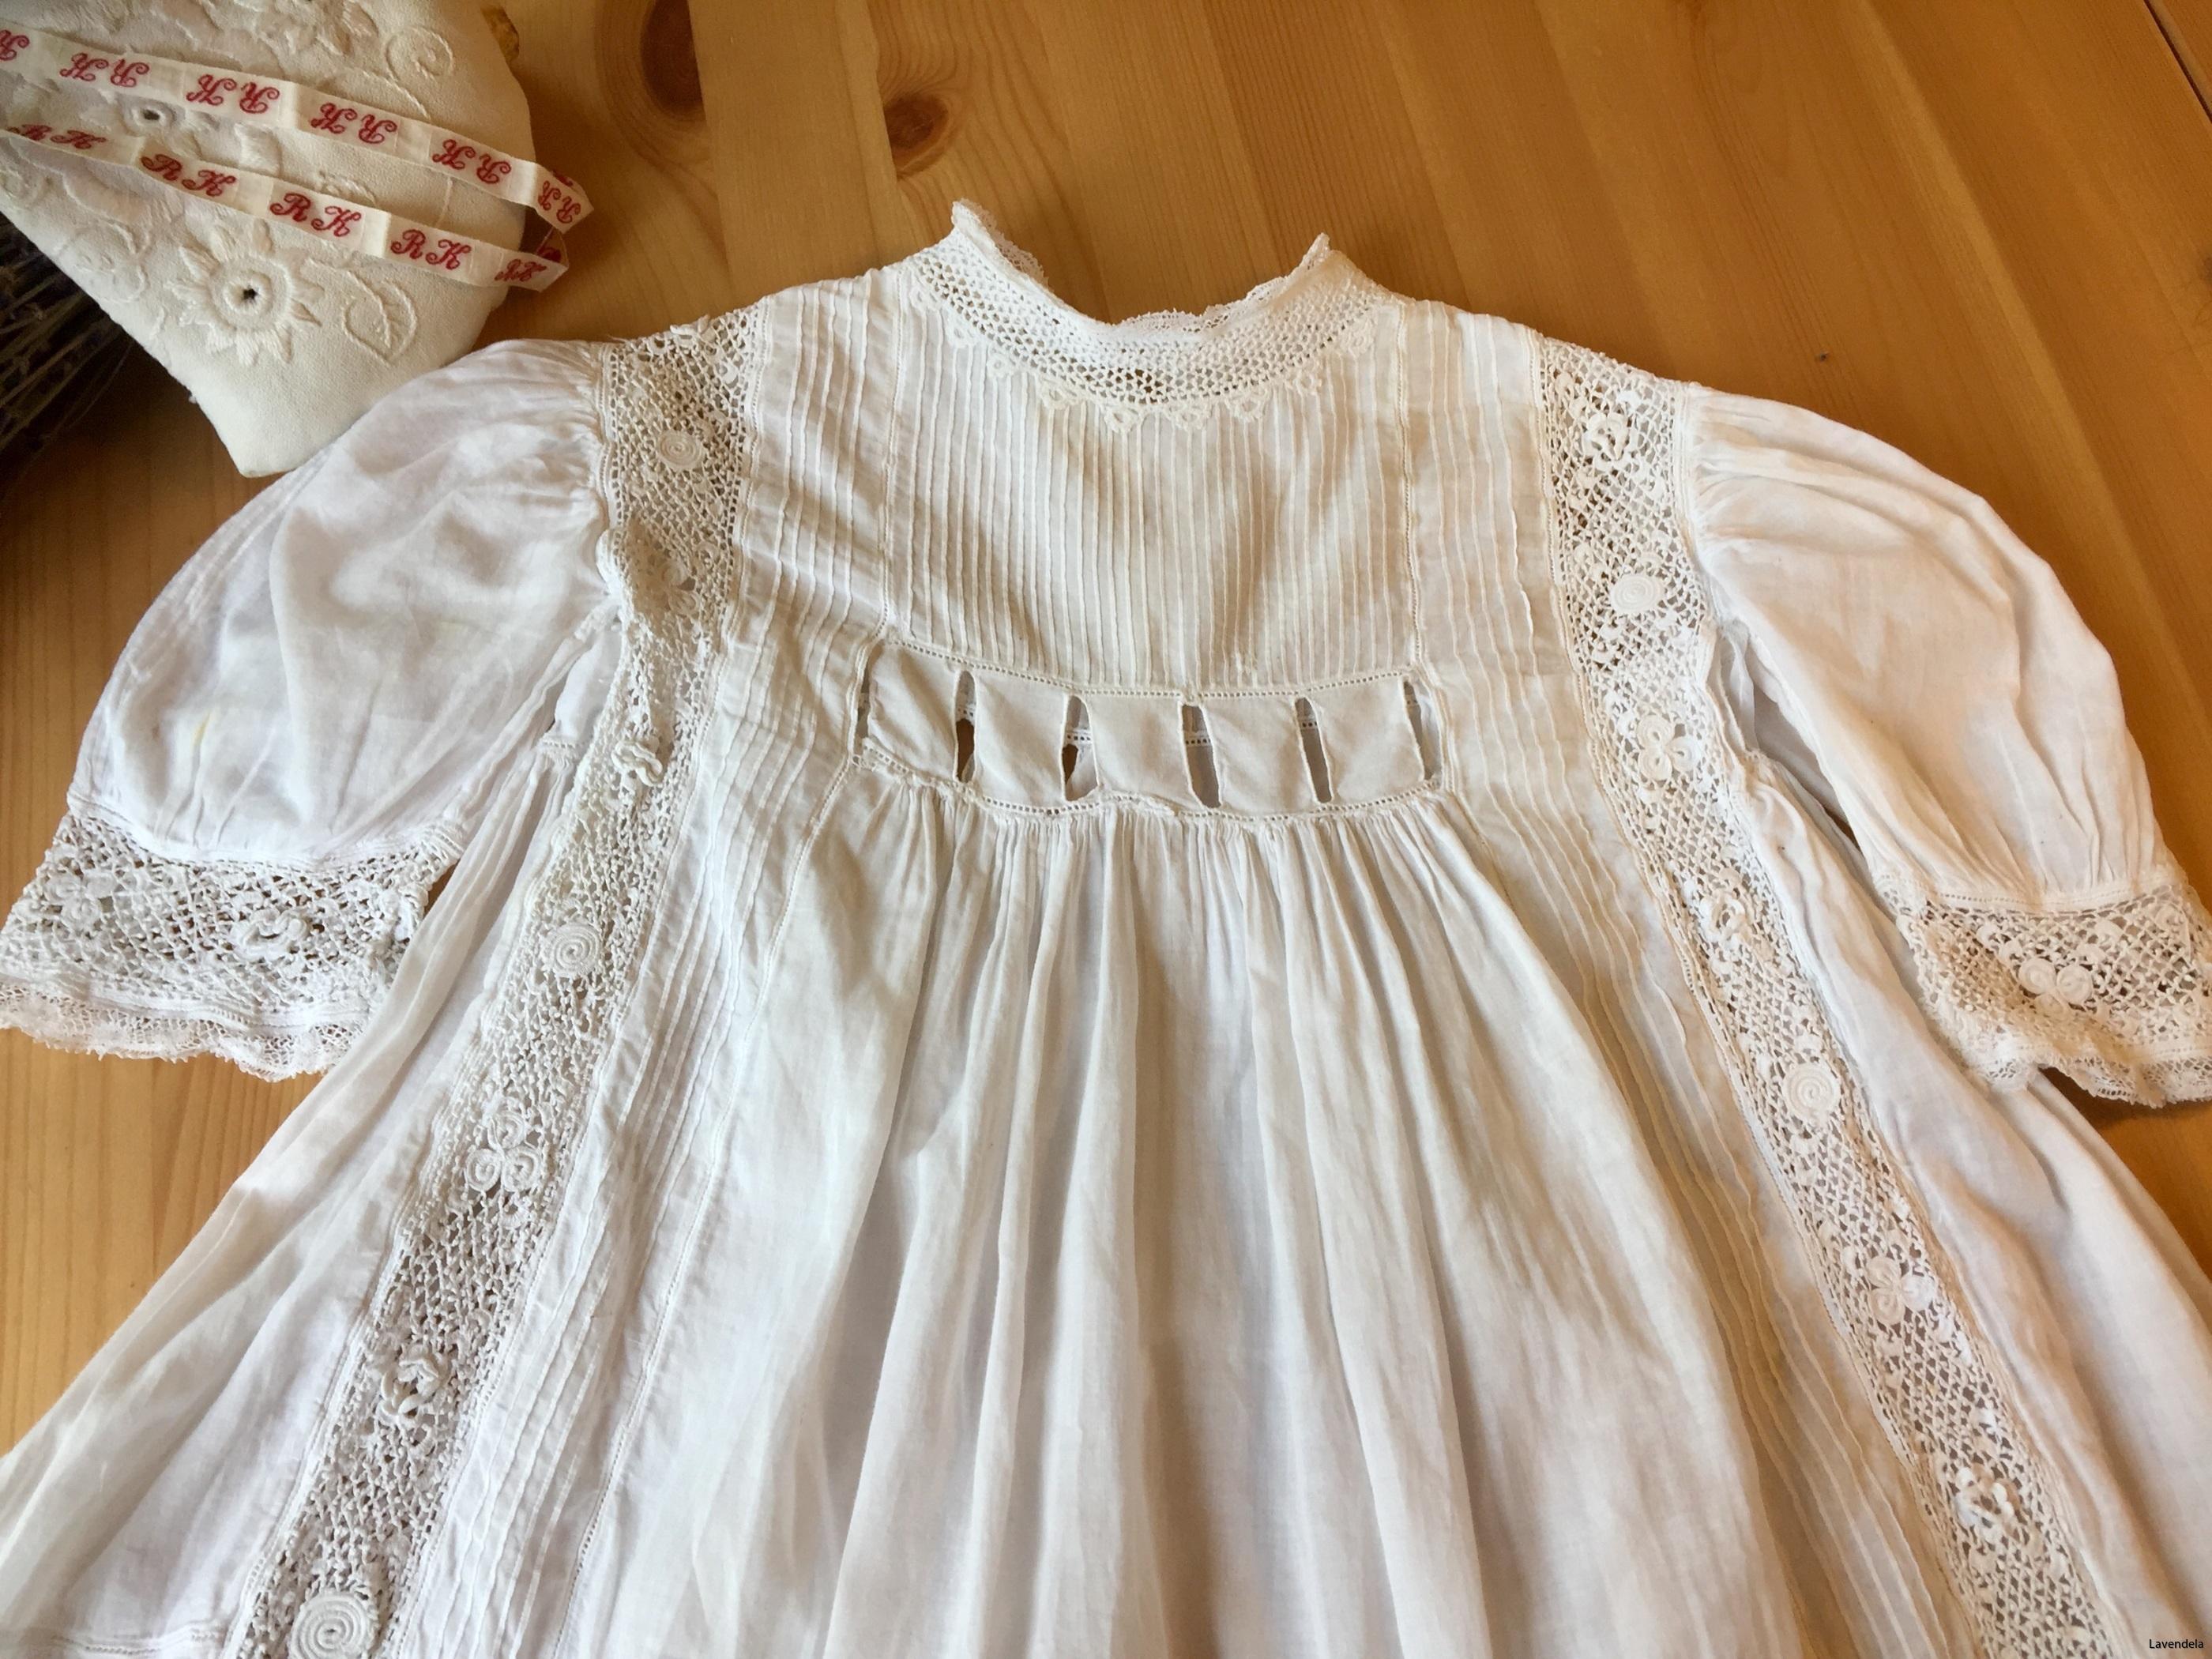 Klänningen är från 1800-ralet